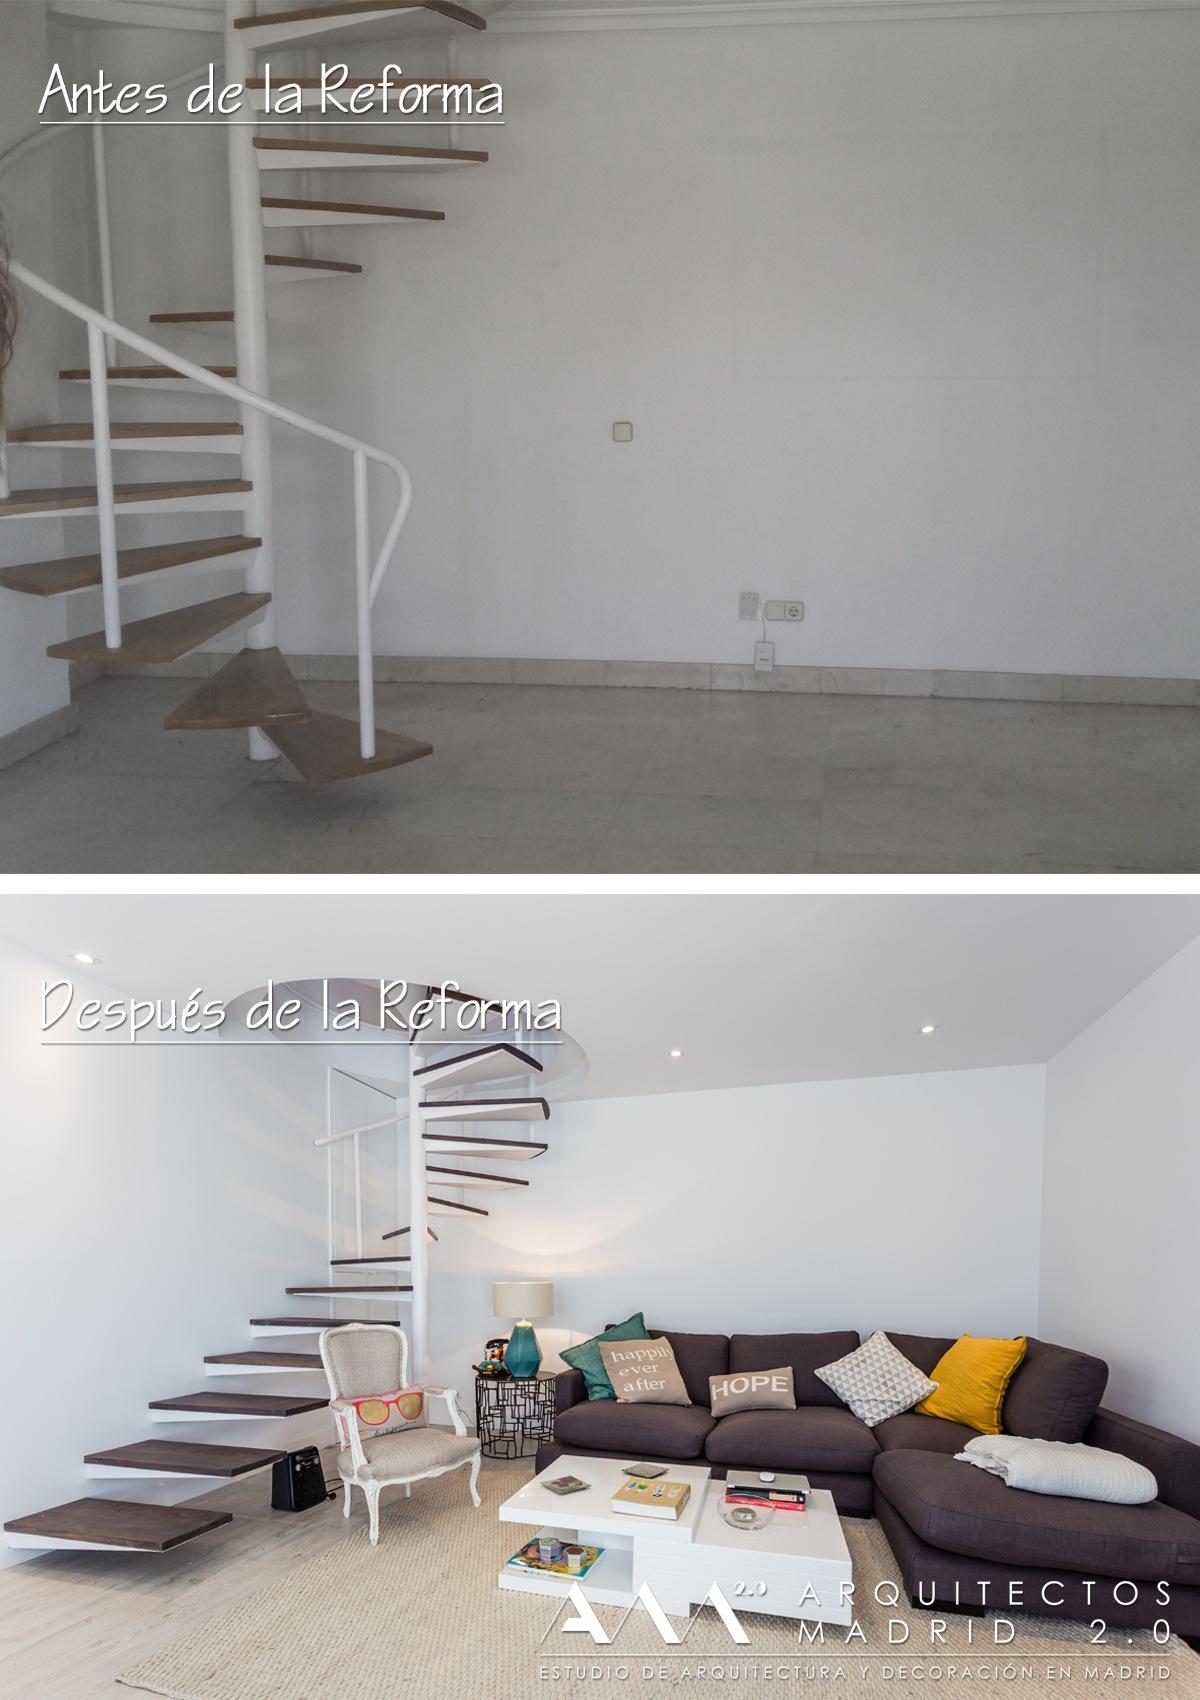 reformas-viviendas-ideas-antes-despues-pisos-casas-obras-10